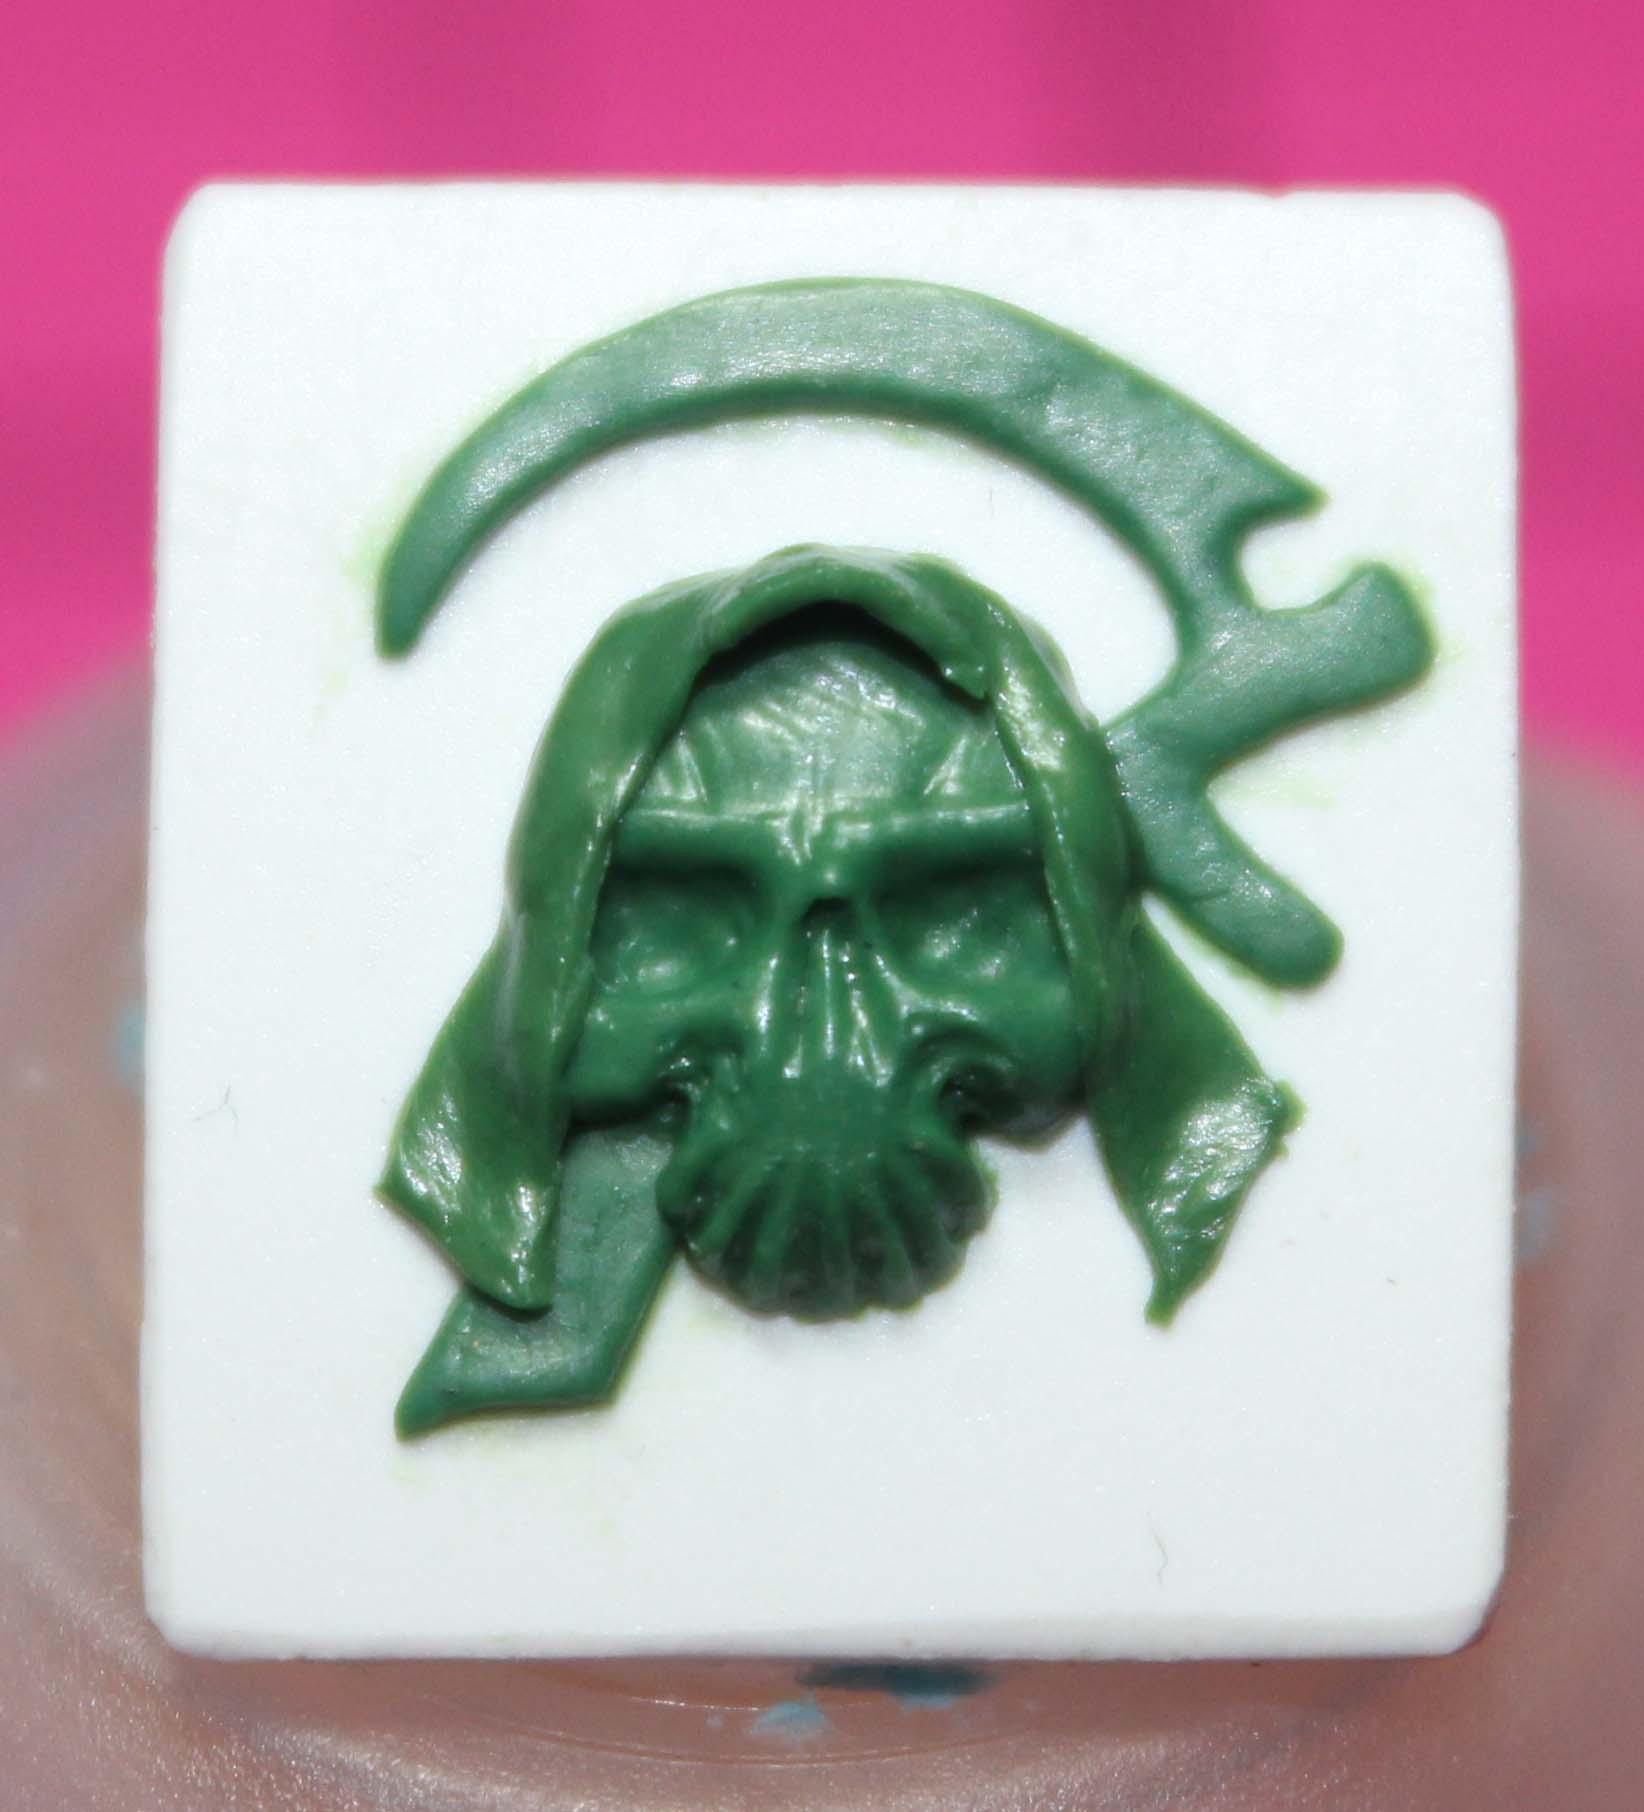 Greenstuff, Miniature, Minis, Sculpting, Spacemarine, Warhammer 40,000